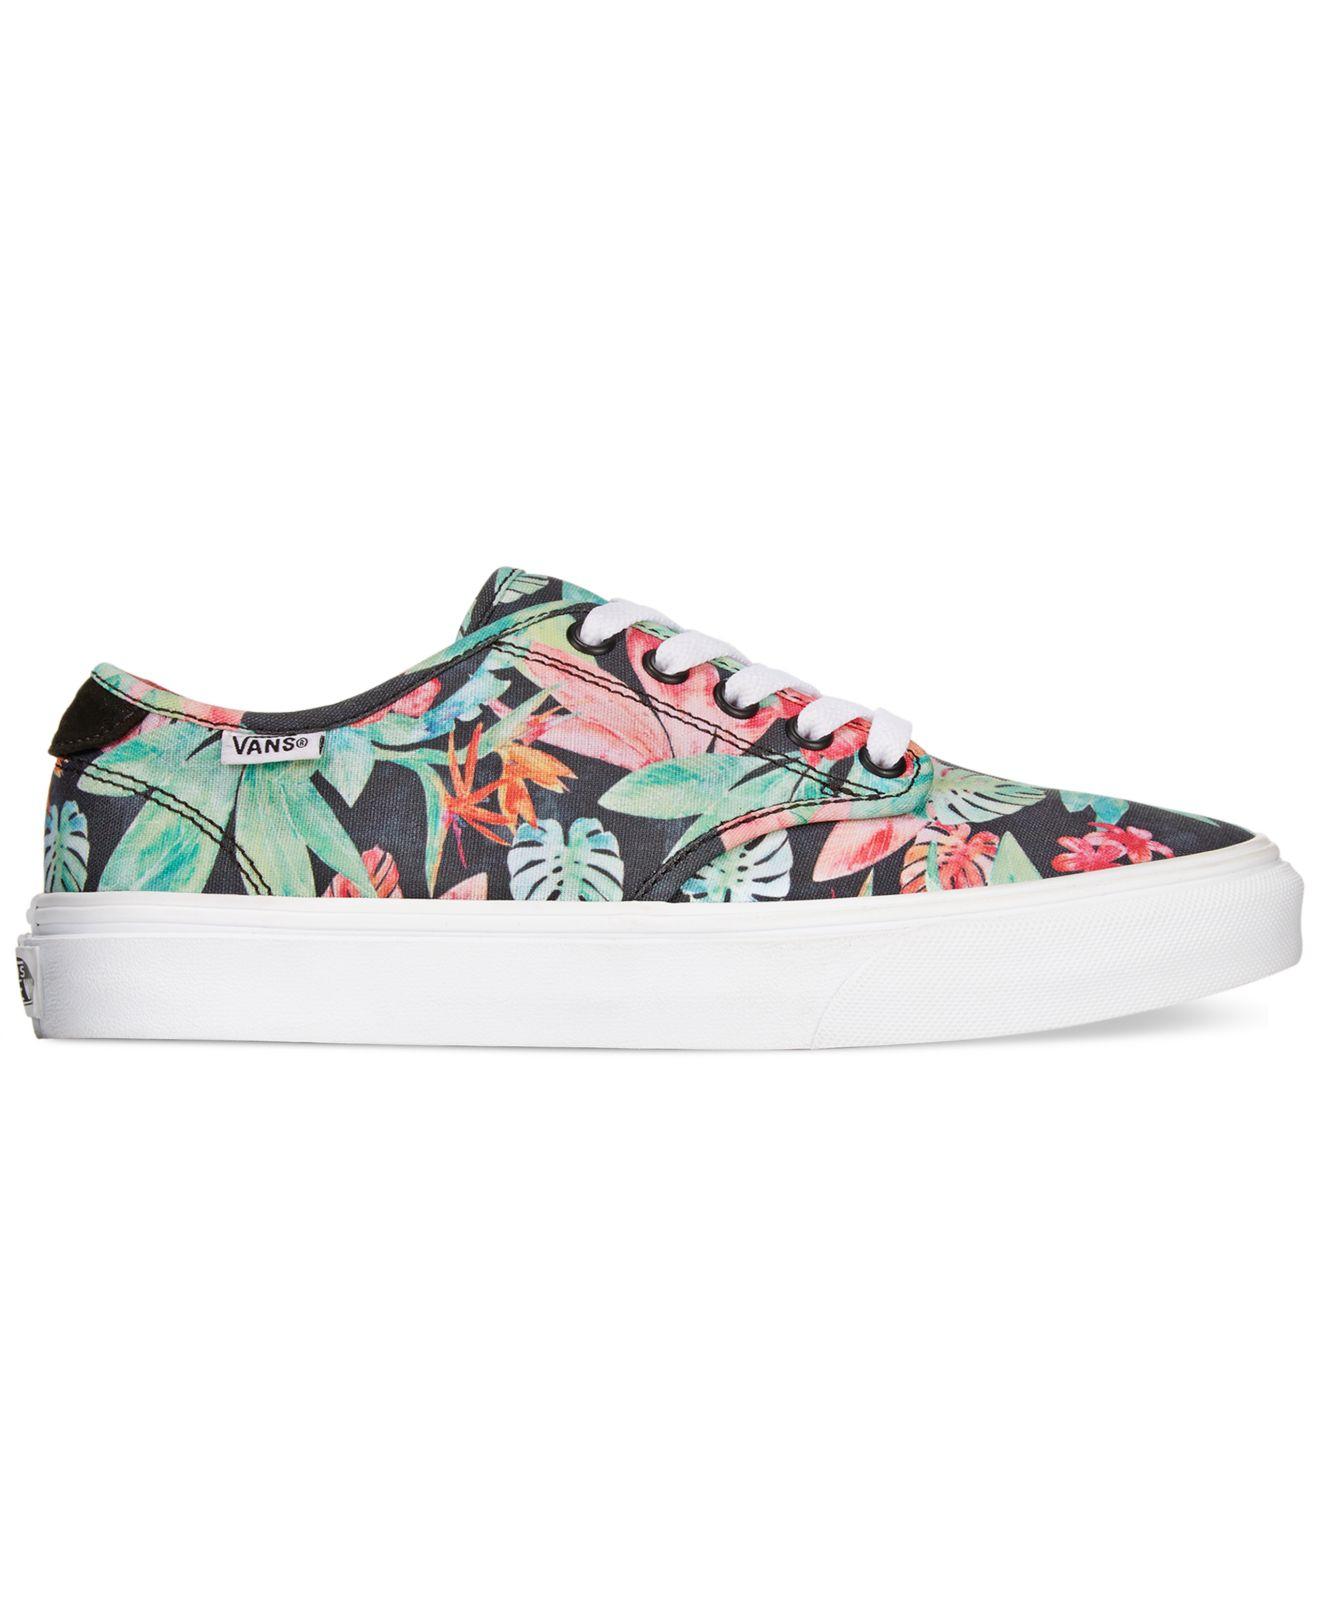 Vans Women S Camden Lace Up Sneakers Lyst